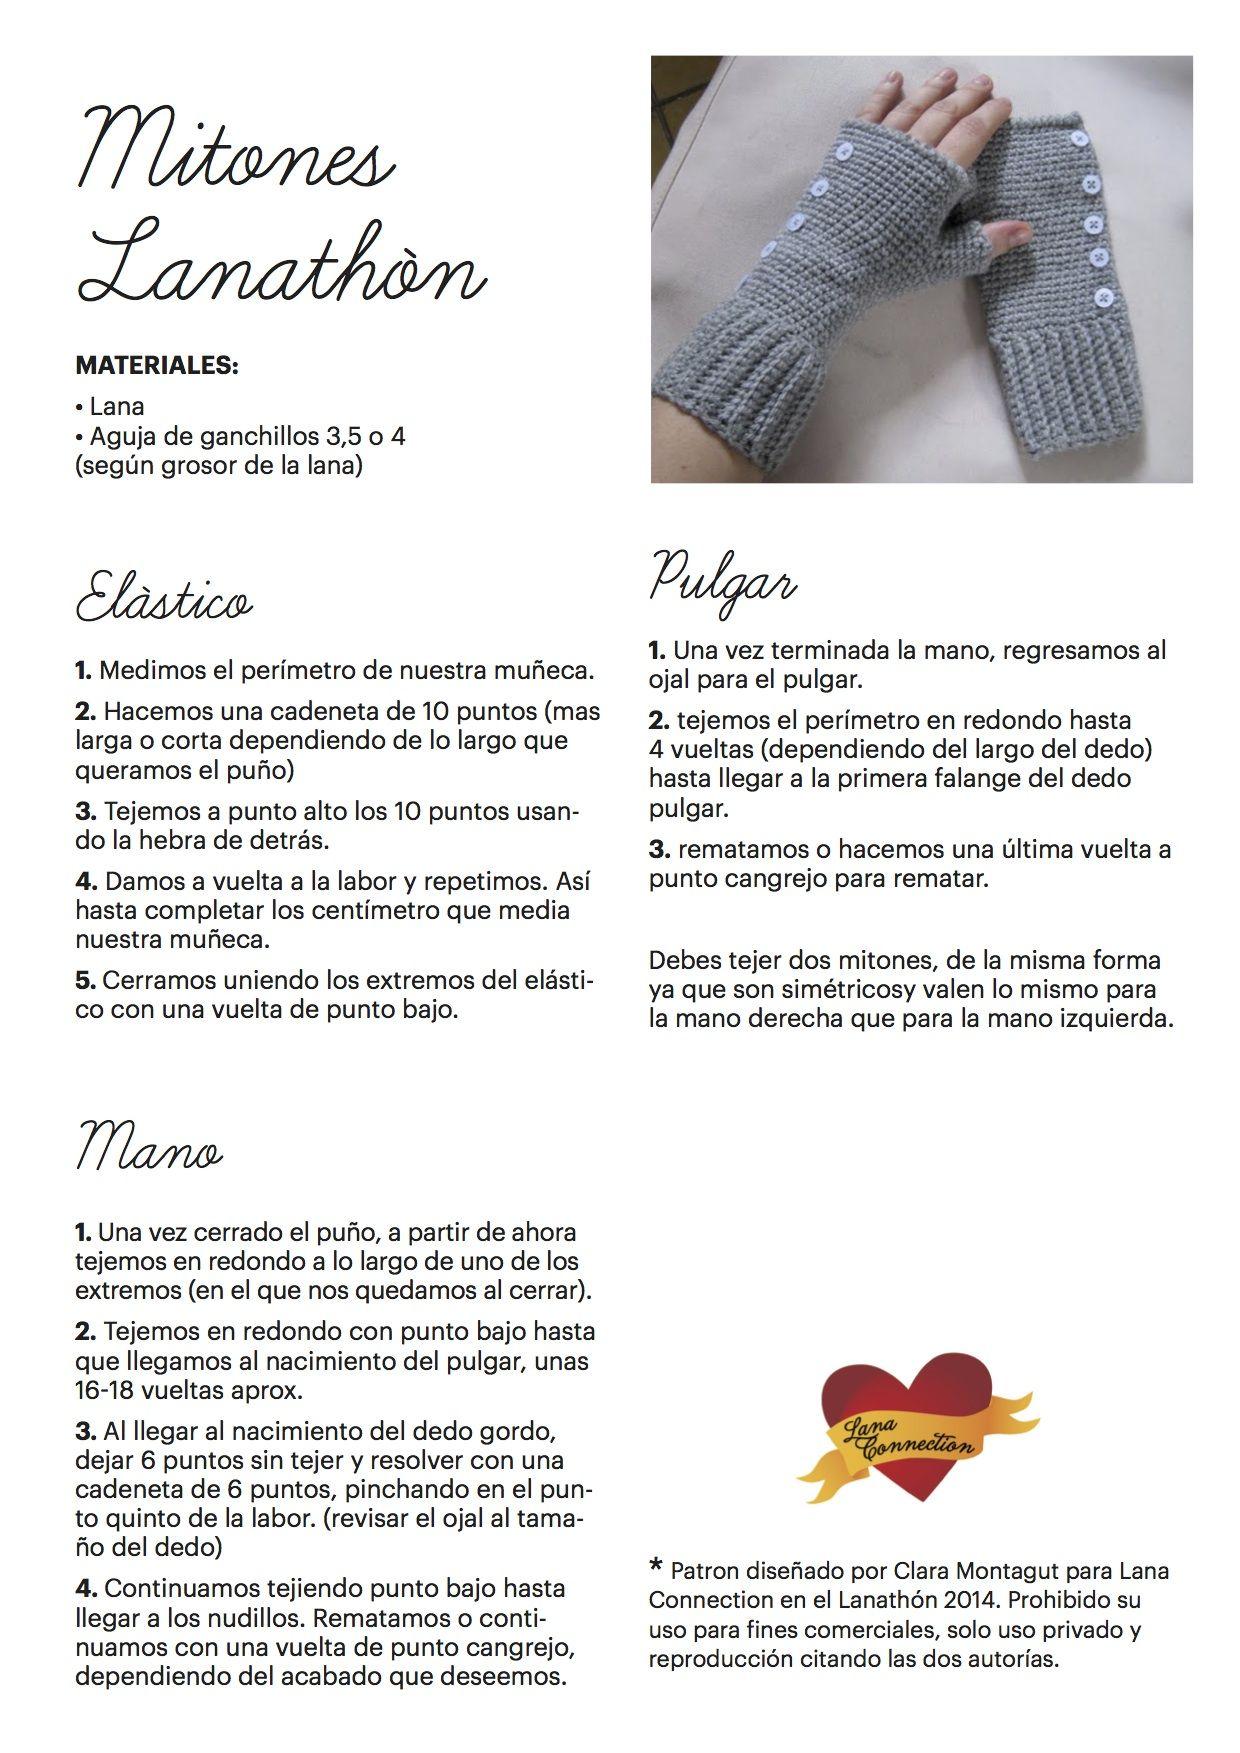 Lanathón 2014 (patrones) | Crochet